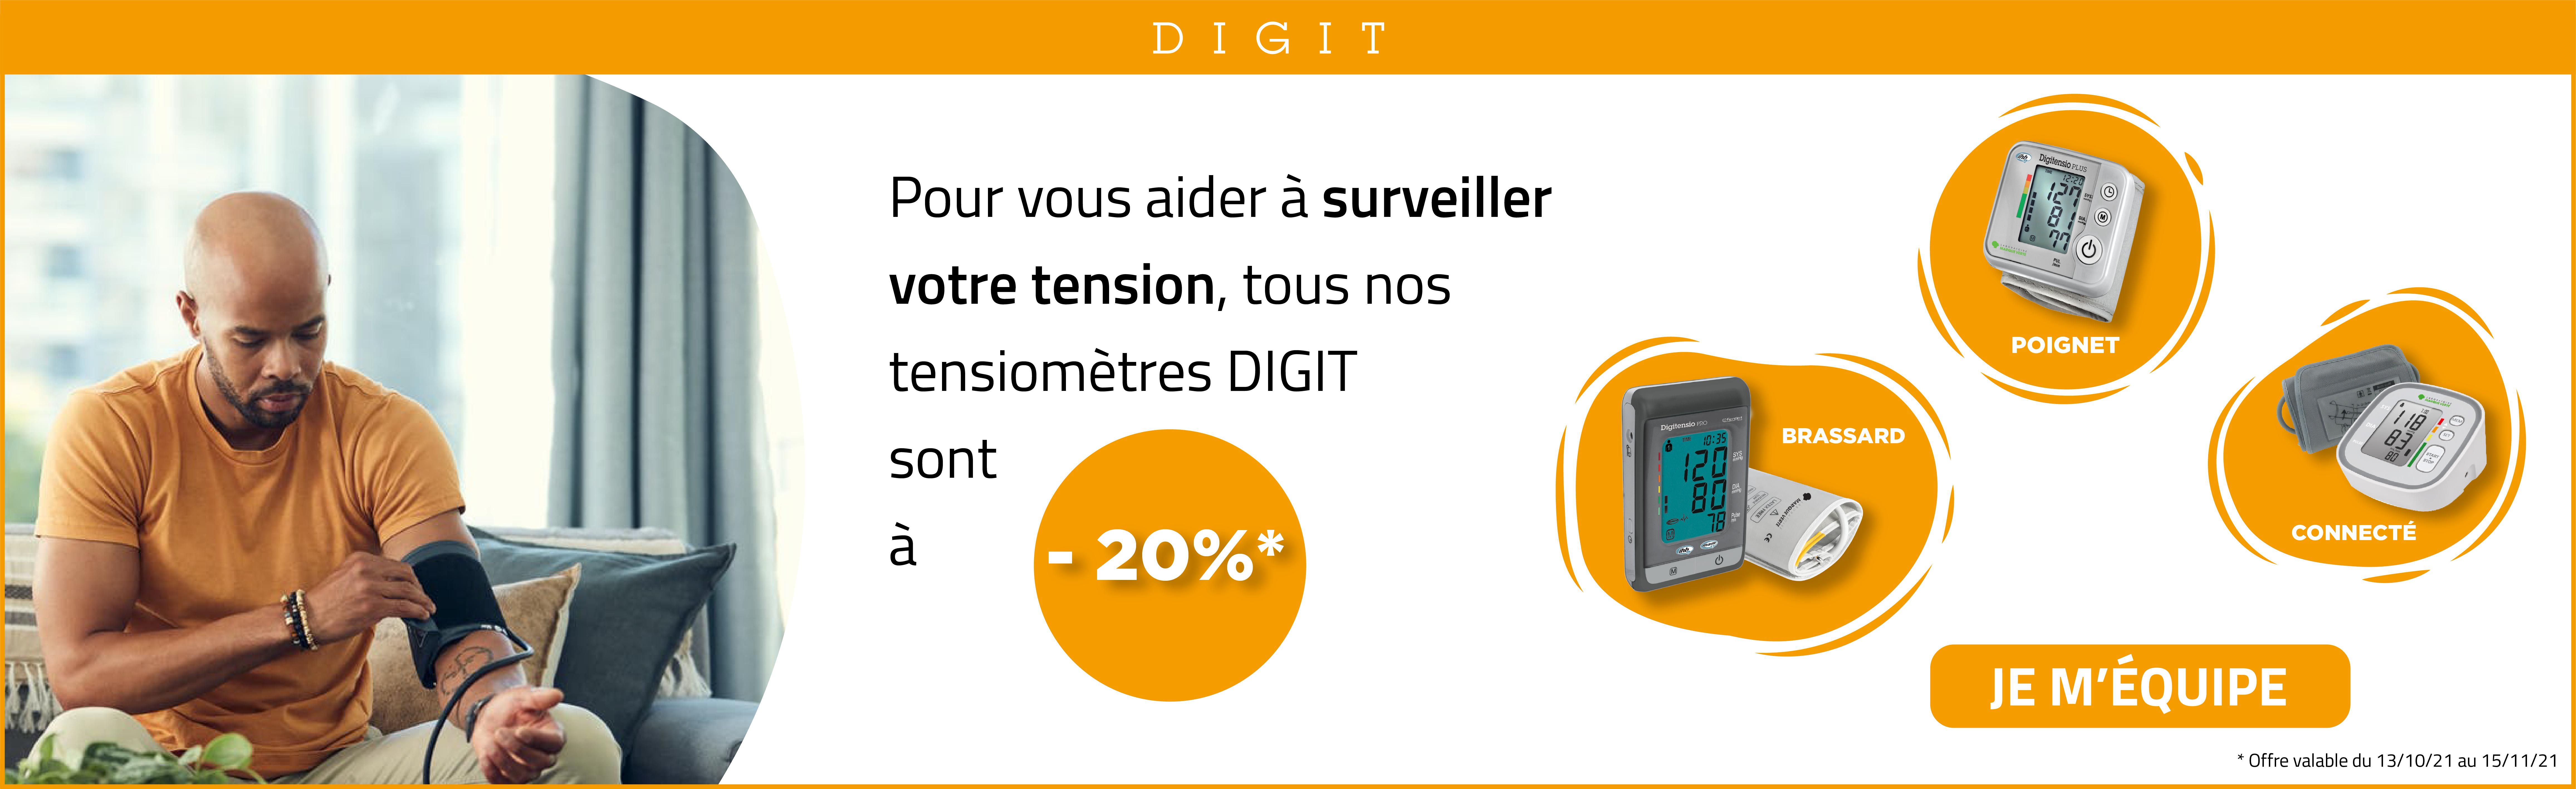 Offre tensiomètres Digit : 20% de remise sur toute la gamme Digitensio